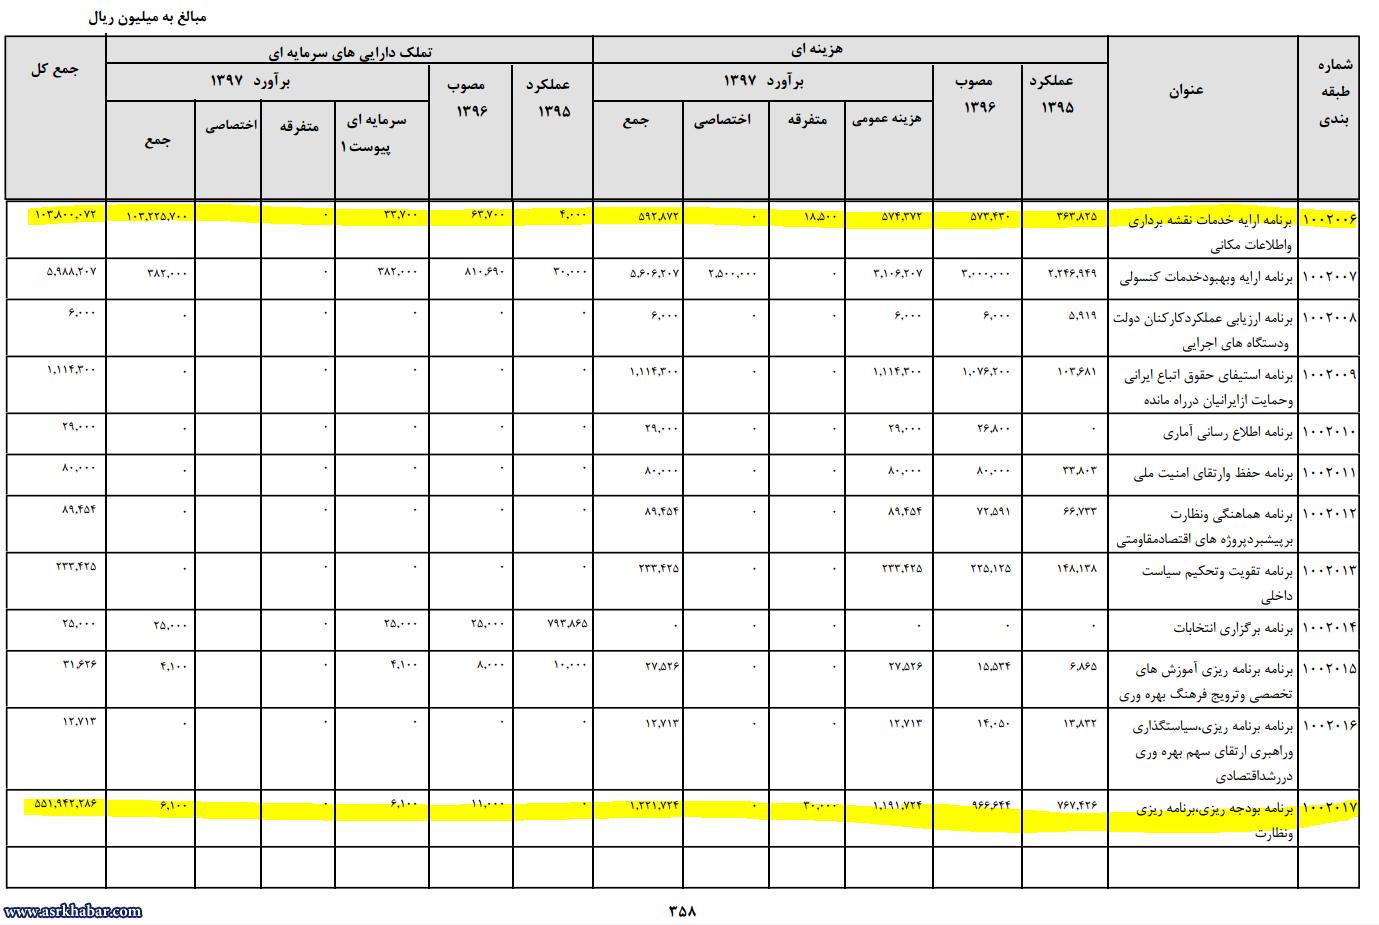 اشتباه میلیاردی عجیب در لایحه بودجه (+جدول)